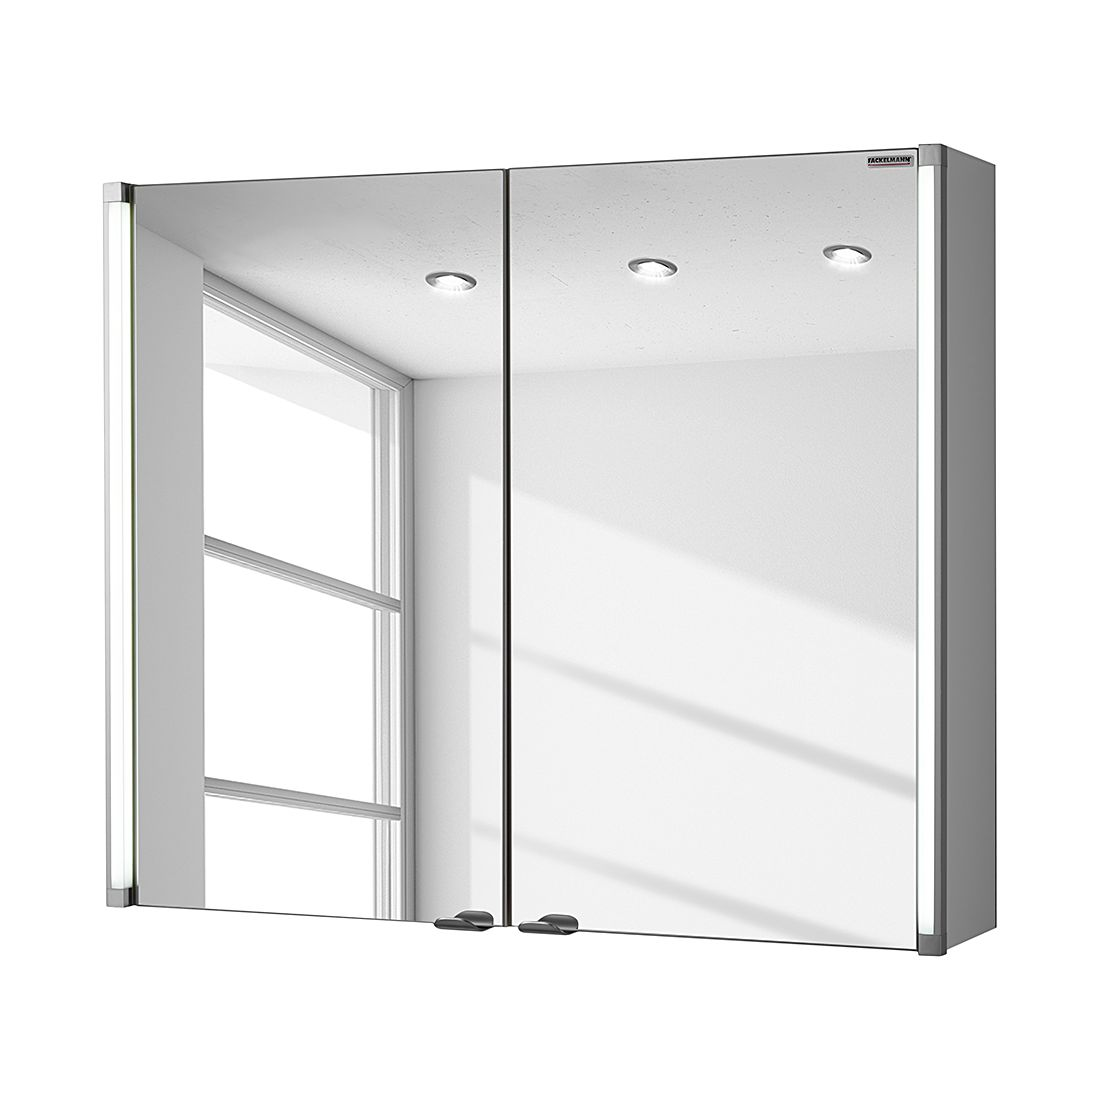 Spiegelschrank 80 Cm Weiß Preisvergleich • Die besten Angebote ...